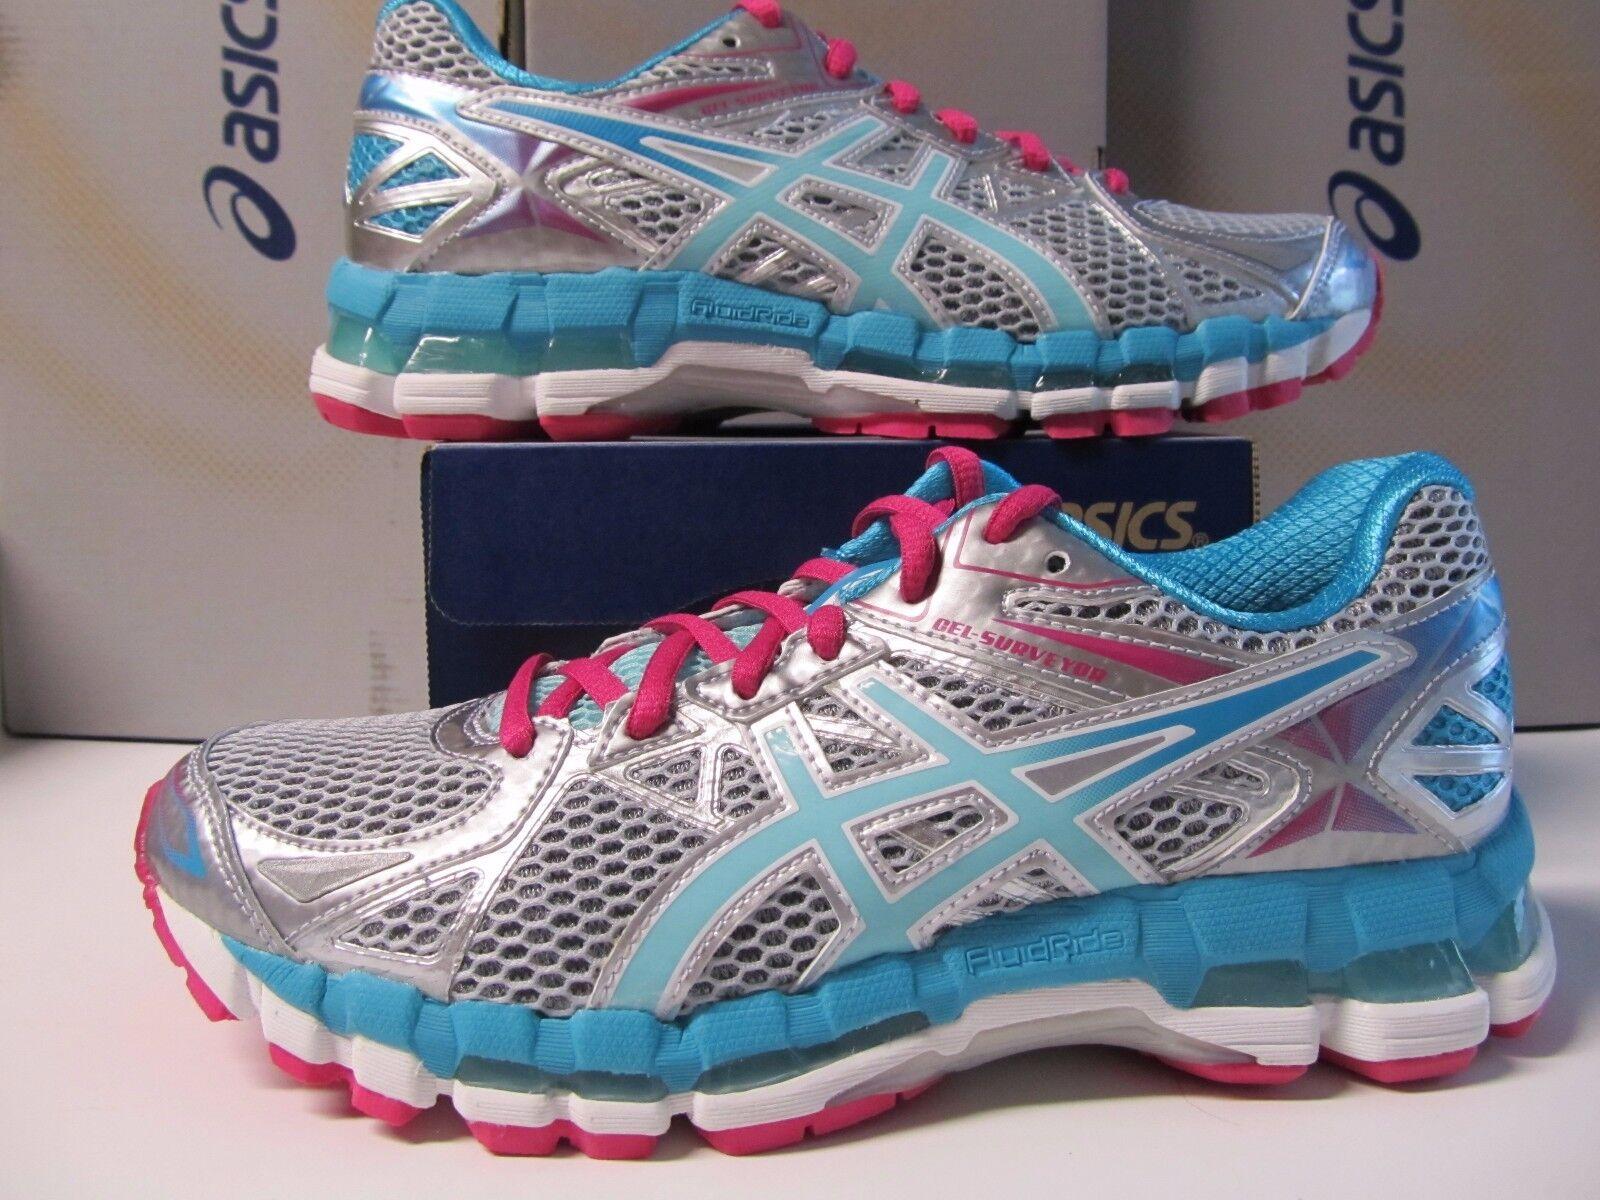 Damenschuhe Asics Gel Surveyor 3 150 Lightning Blau Hot Pink T564N 9343 Running Schuhe